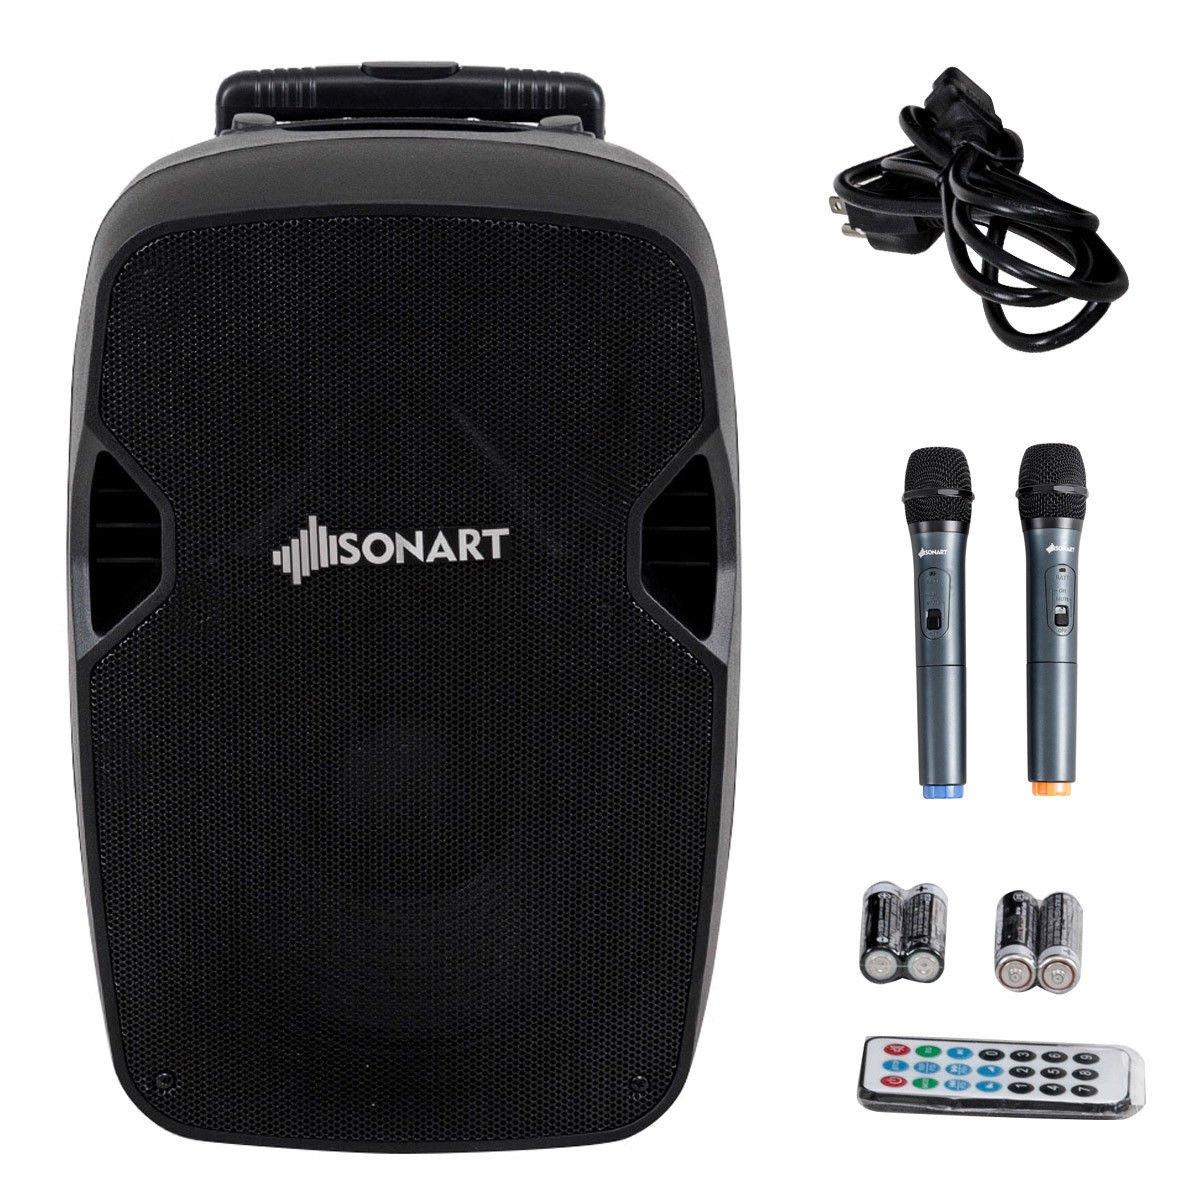 Sonart Powered Speaker, 800W 2-Way Portable Loud Speaker With Wireless Microphone (15'')